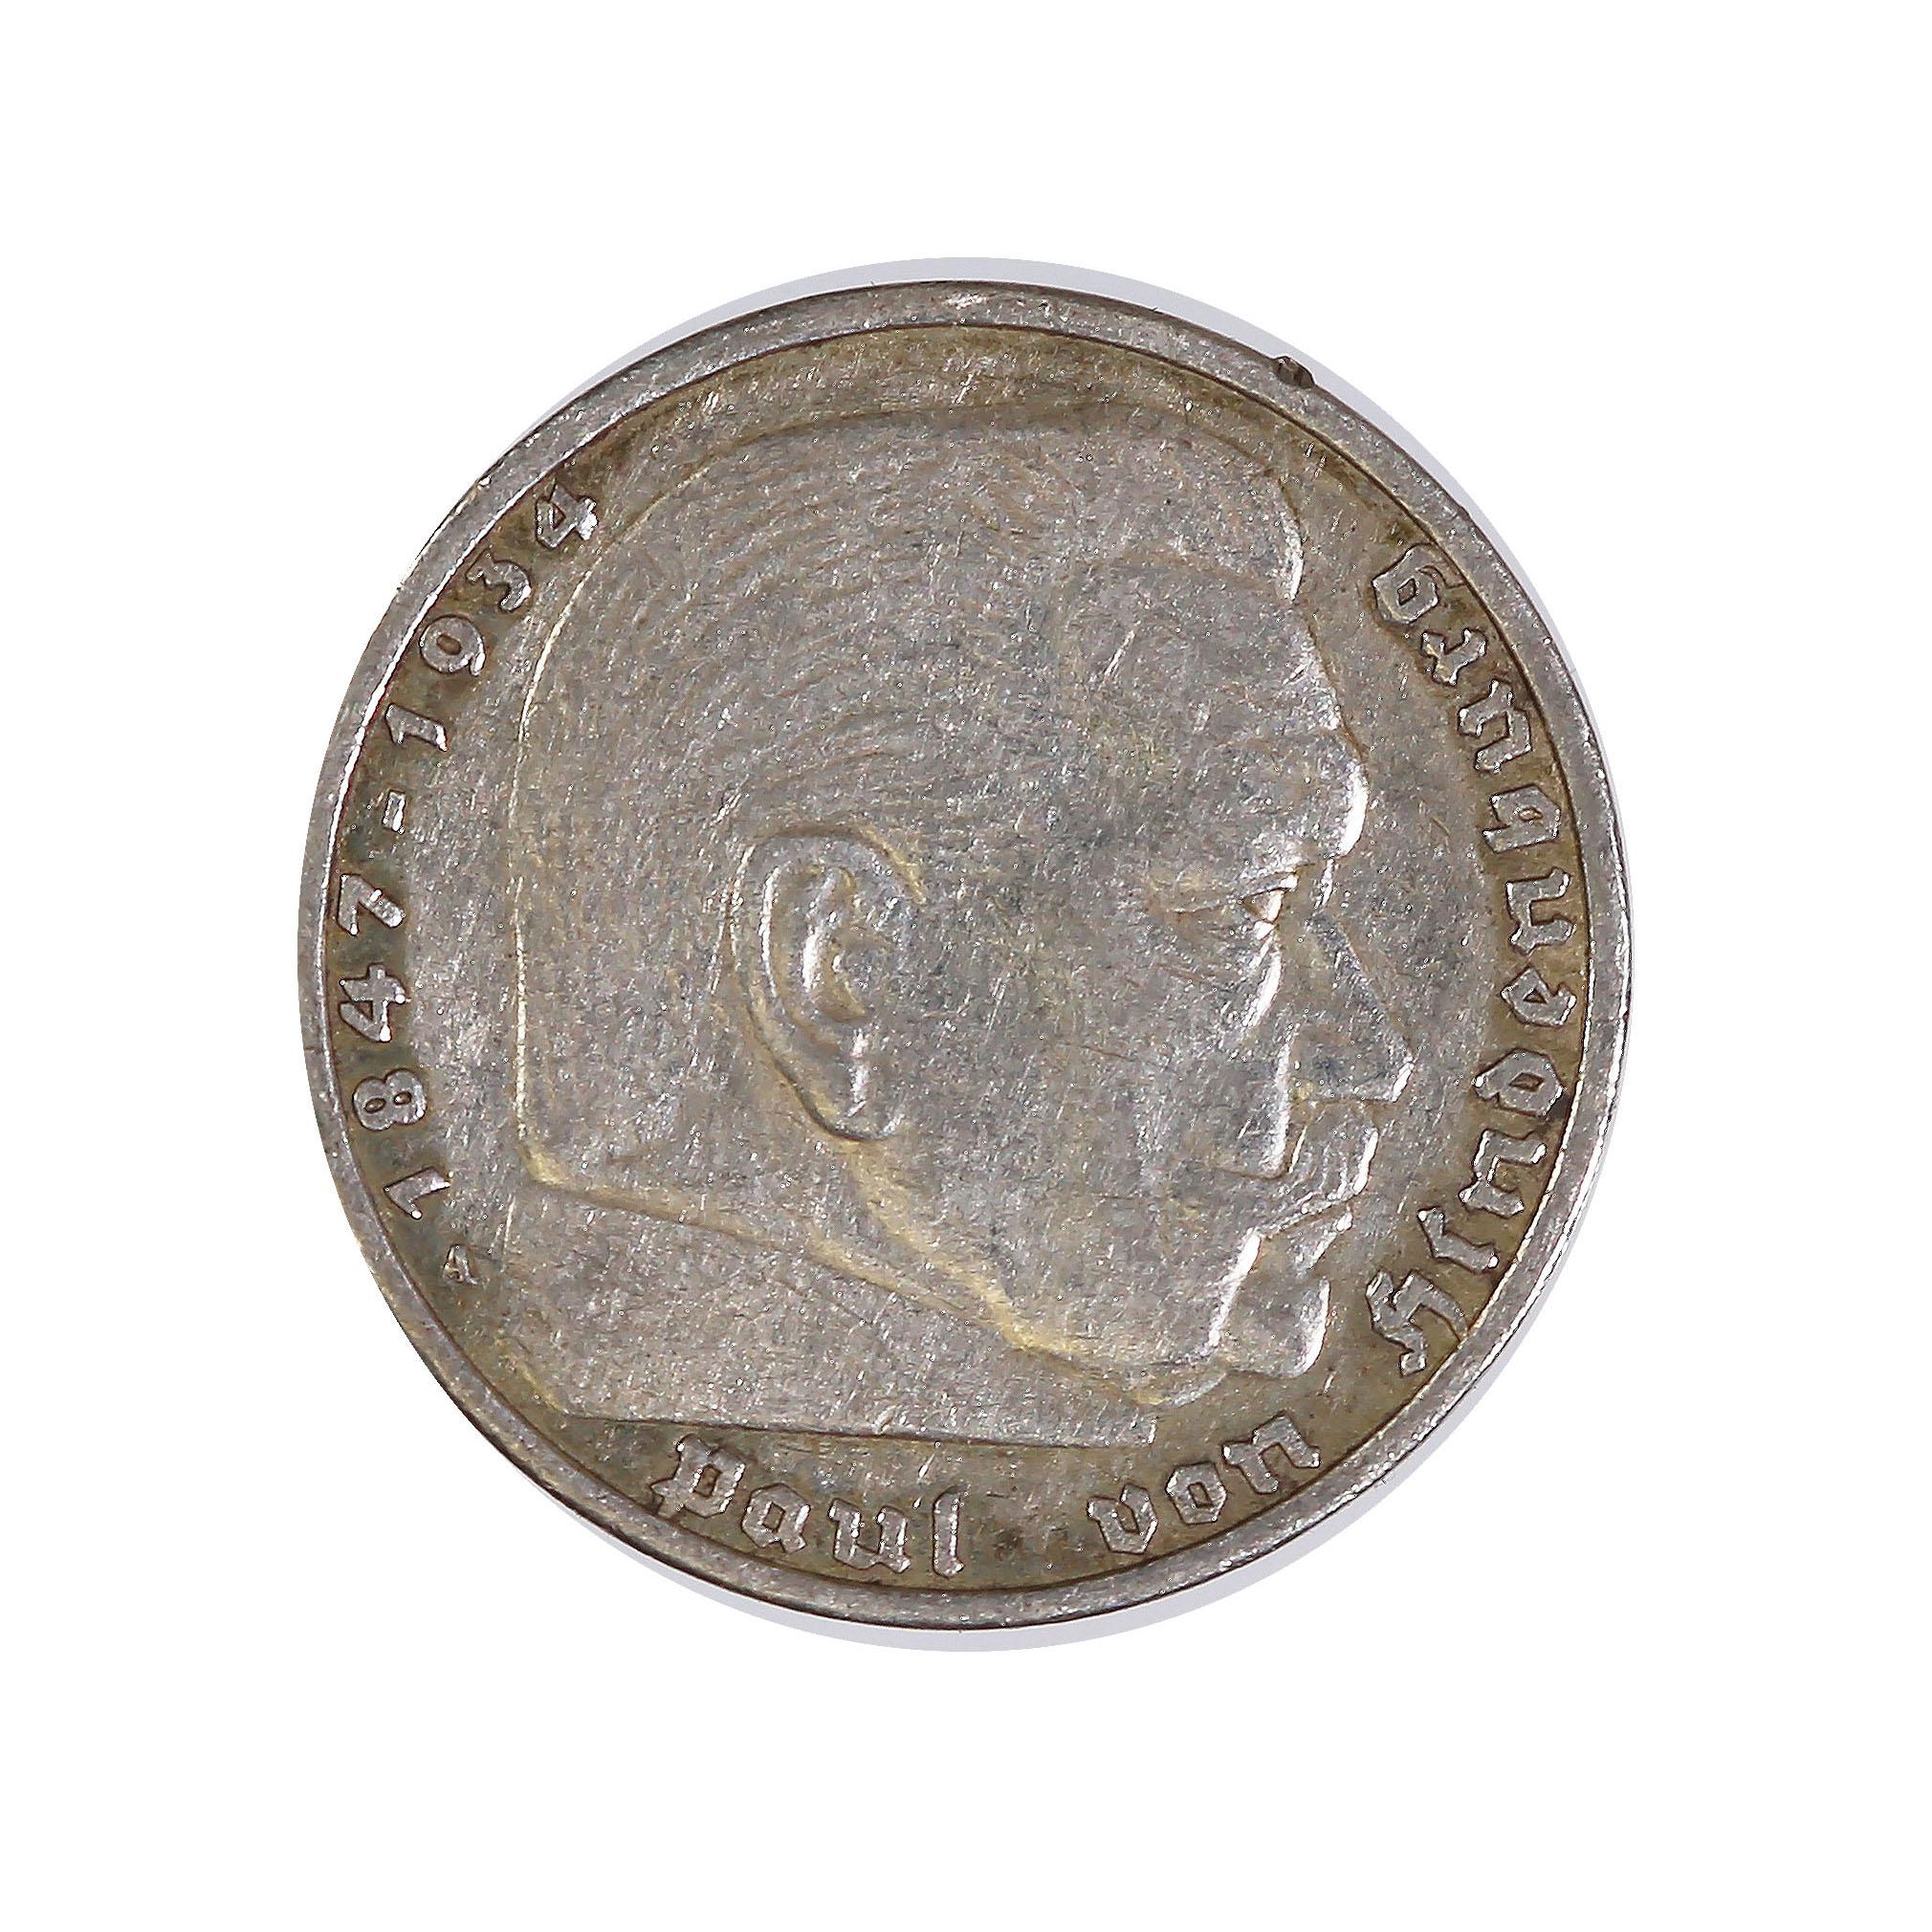 Germany 5 reichsmark 1935-1936 Hindenburg (KM86)